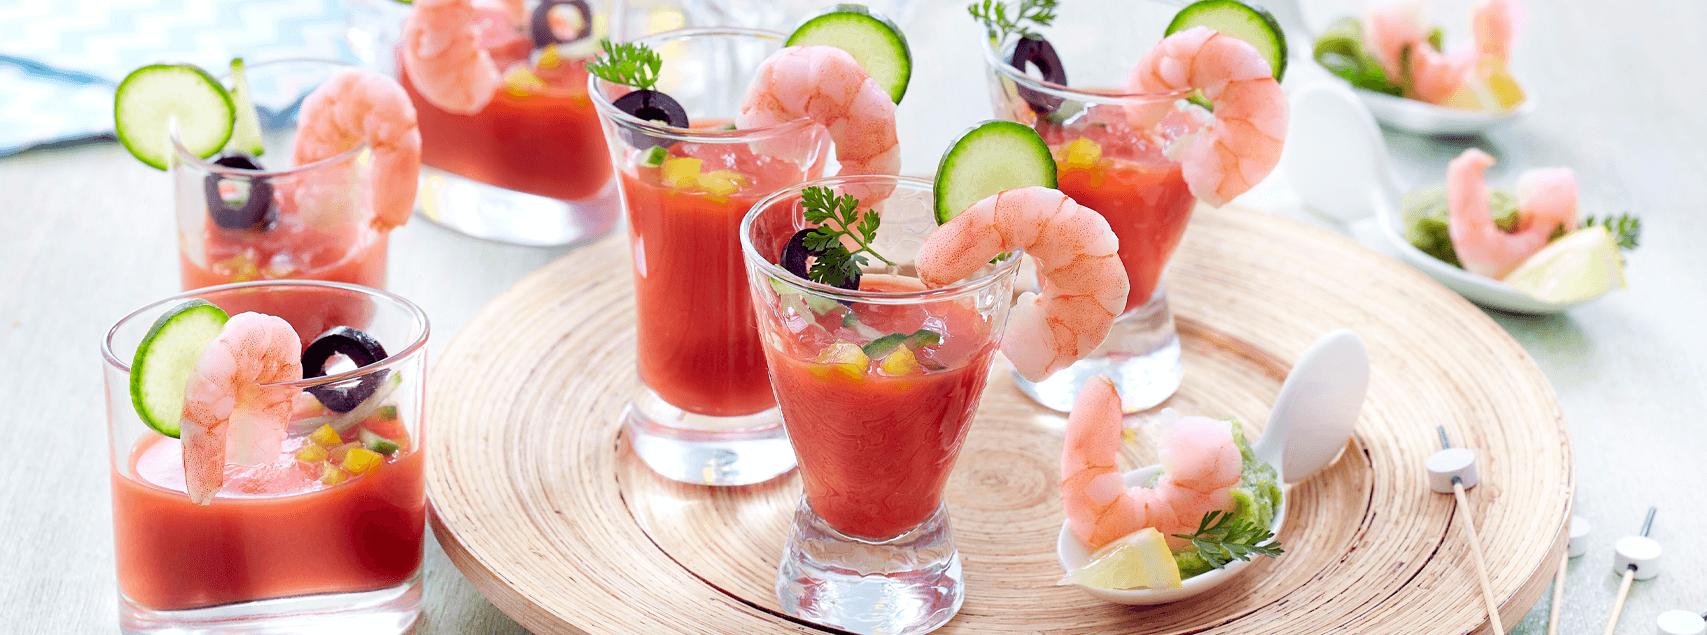 Gaspacho de tomates et crevettes